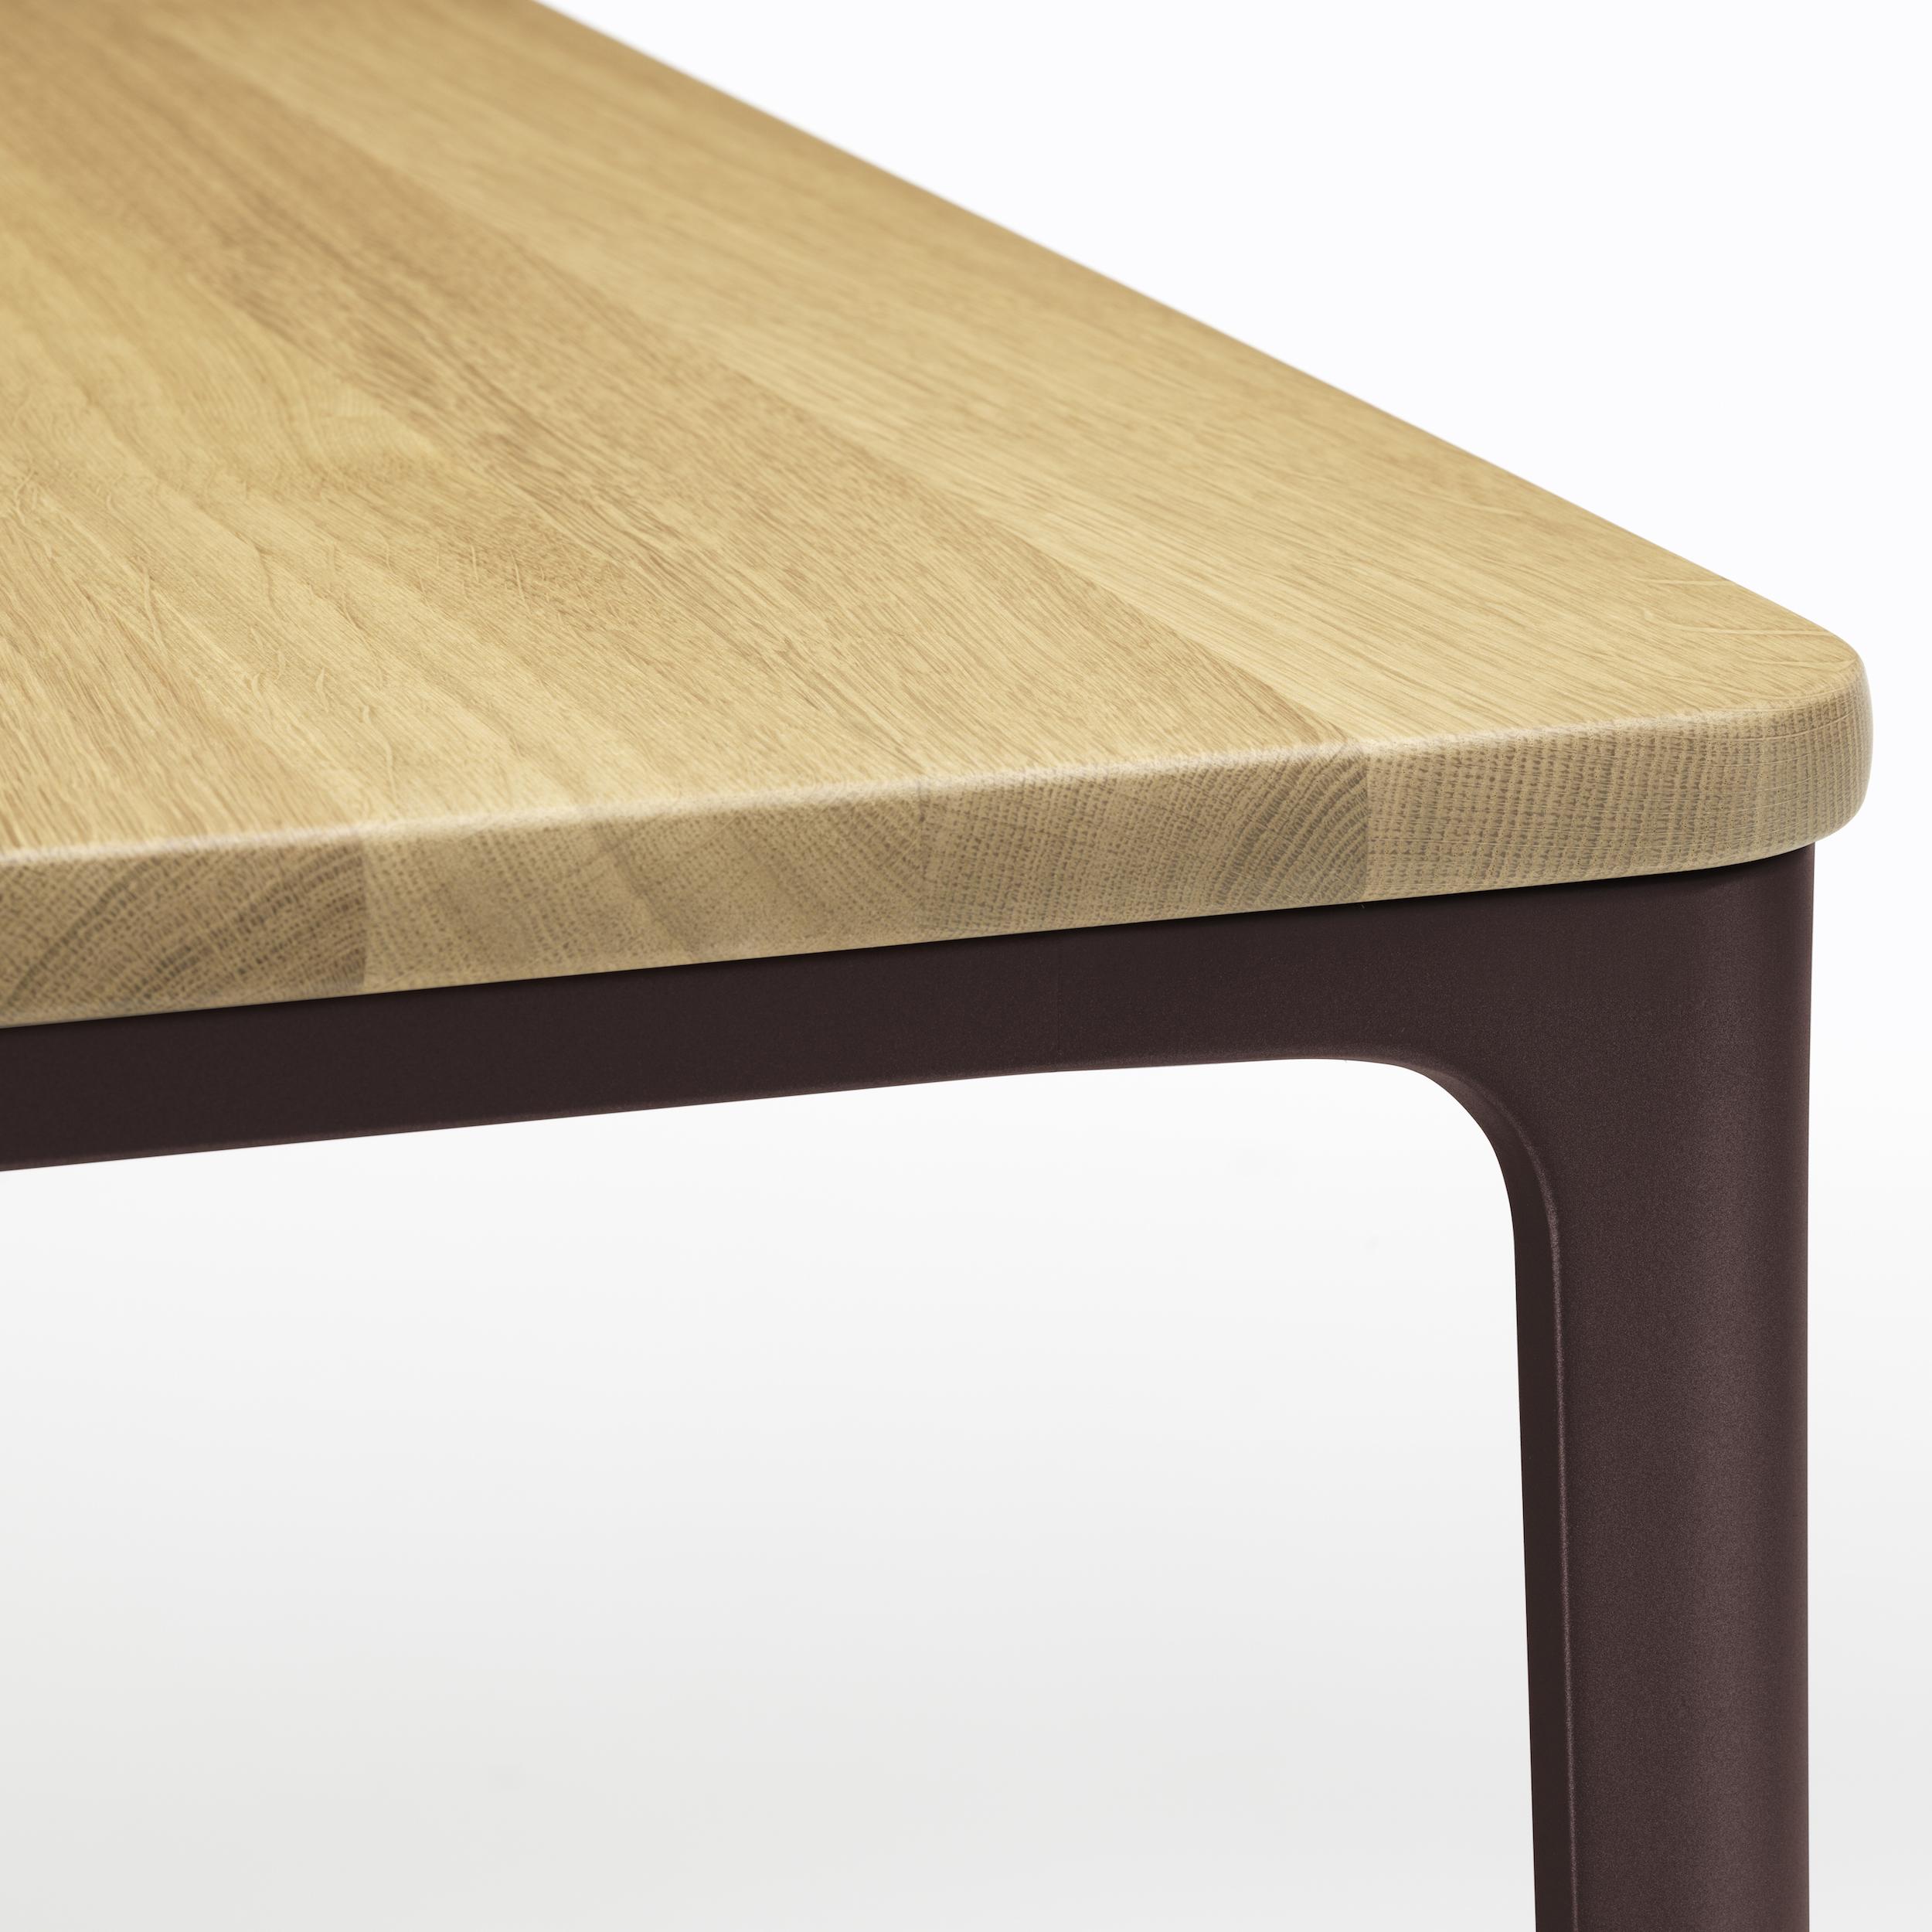 Vitra Plate Table Design Jasper Morrison 2004